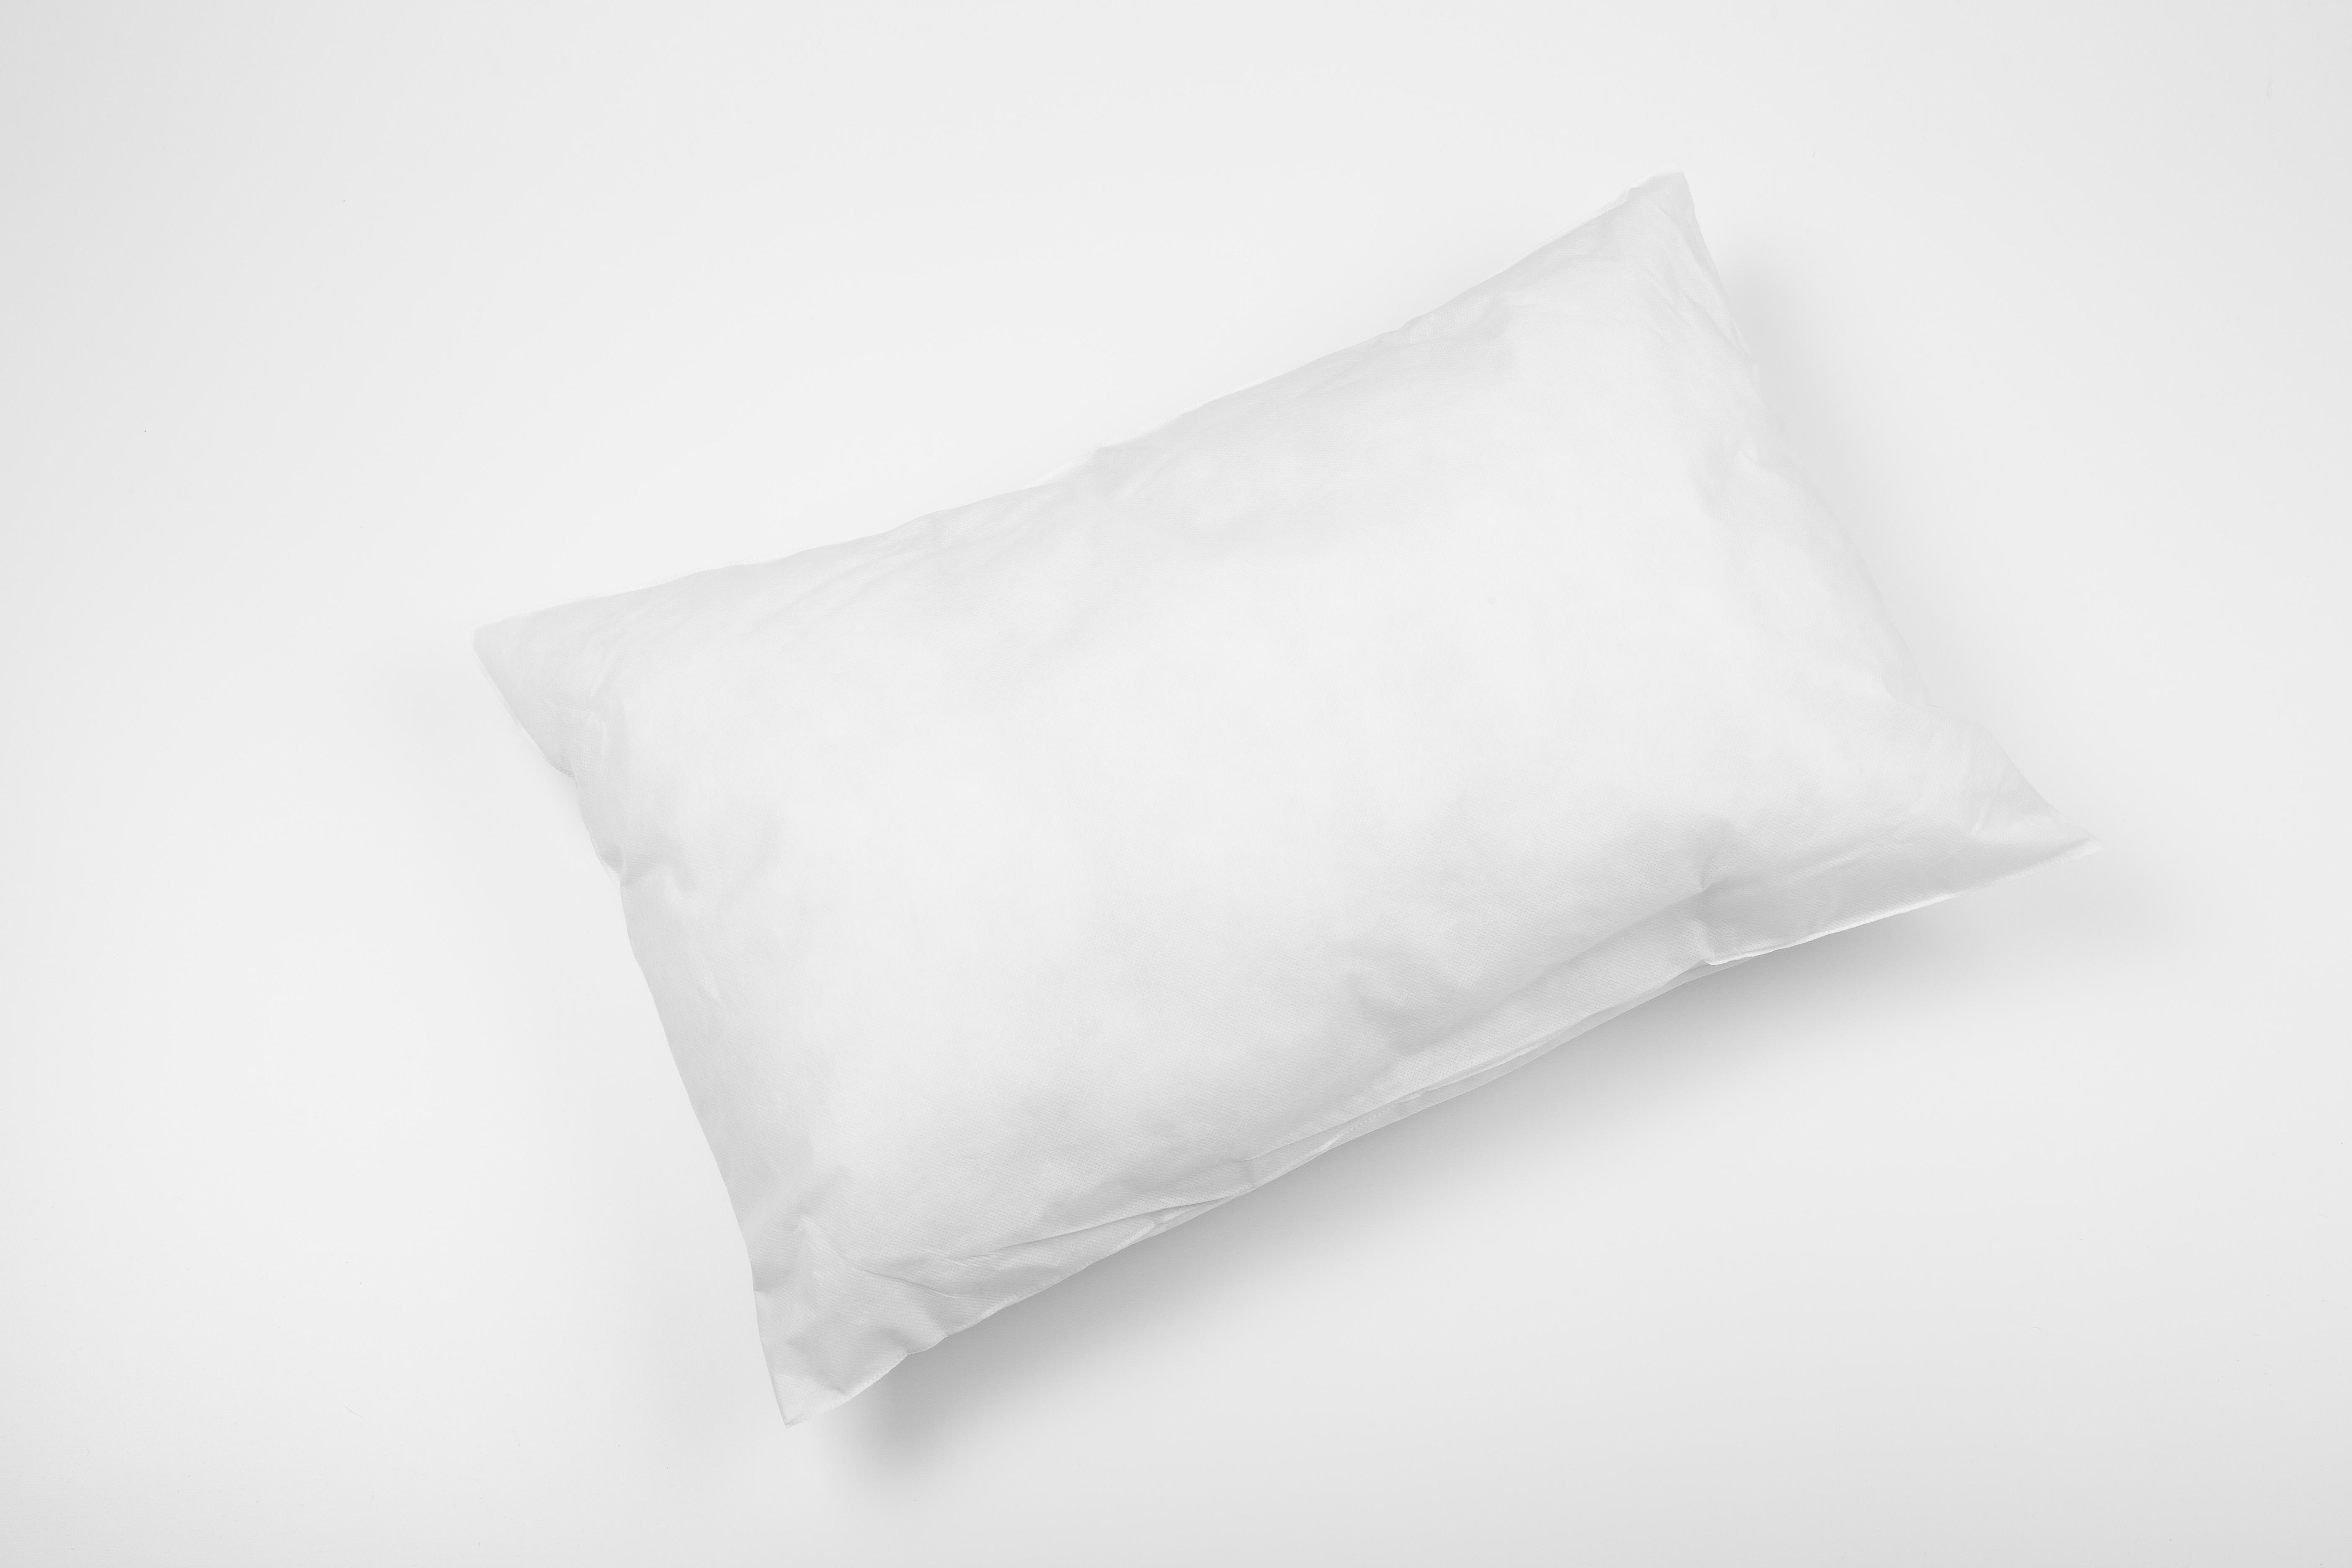 Einmalkissen weiß 60x40cm